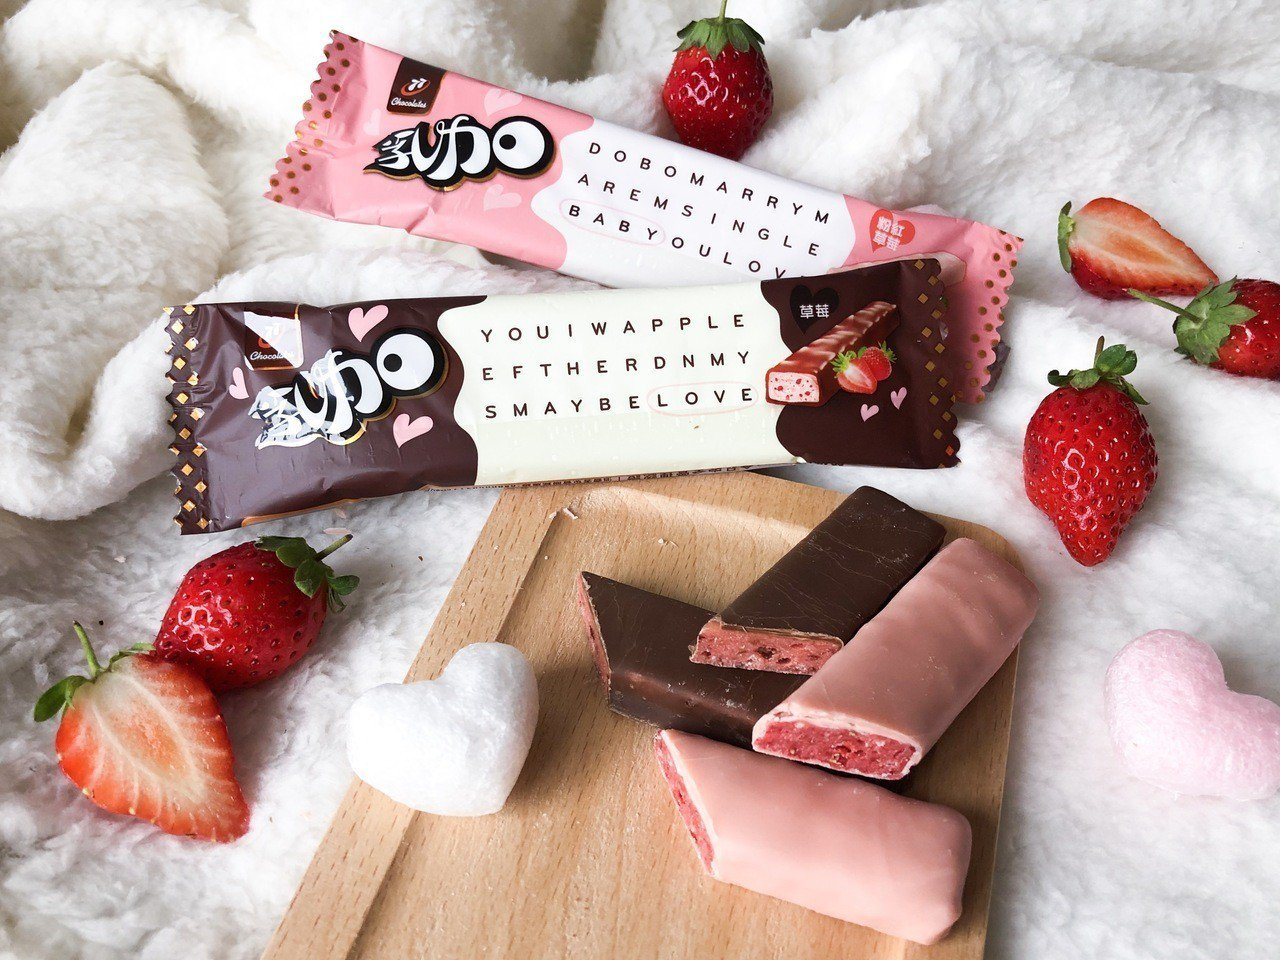 77粉紅草莓乳加、77黑巧草莓乳加首創在包裝上設計圈字遊戲,讓情人圈出想對另一半...